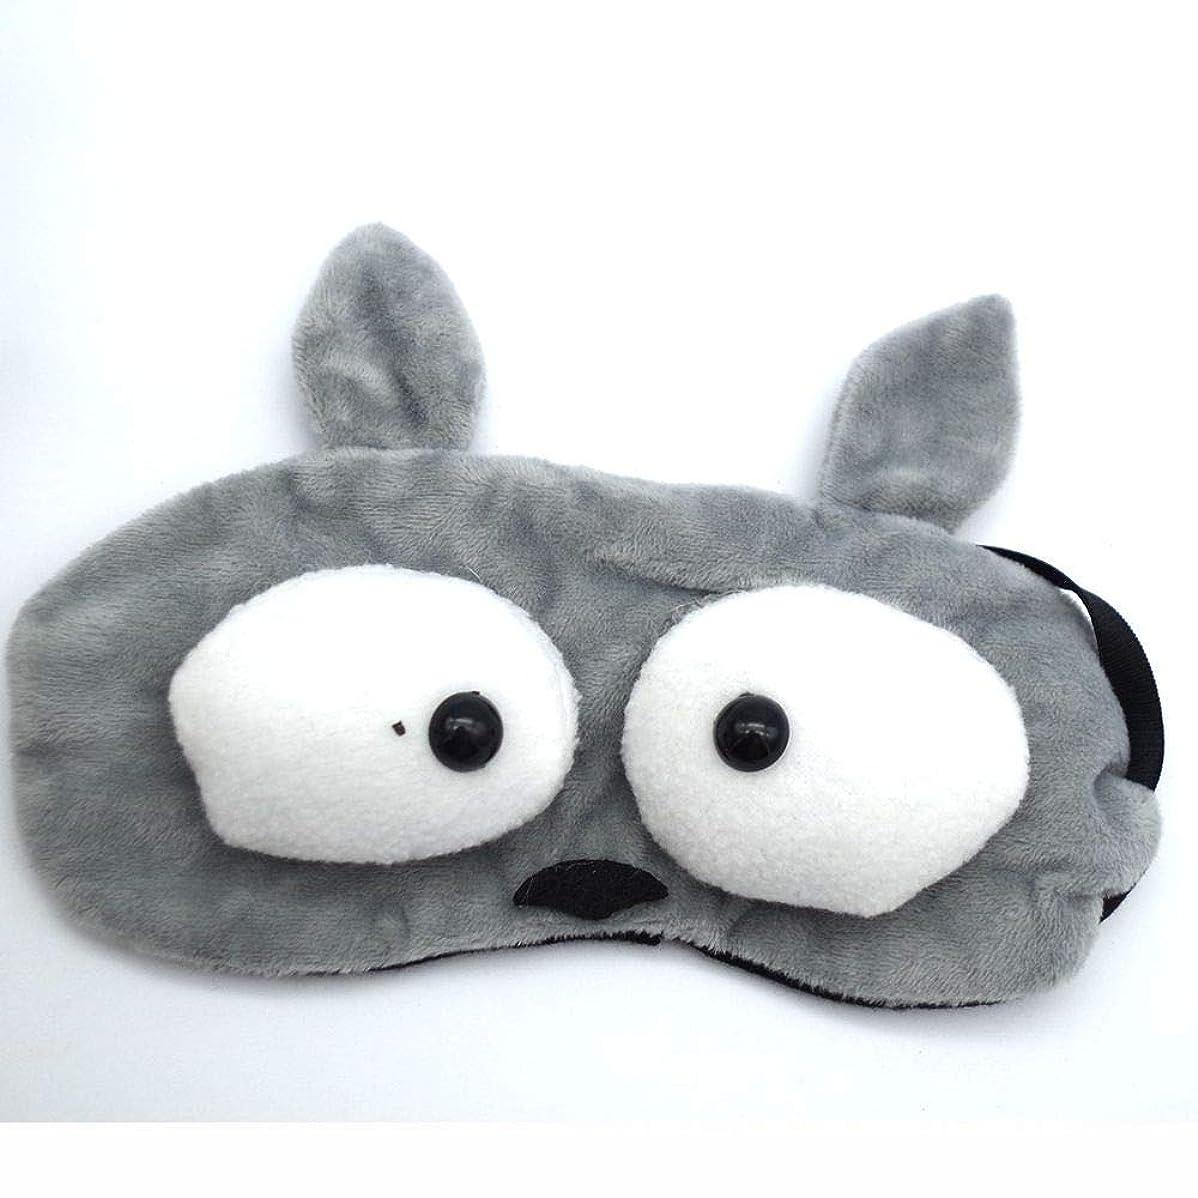 非アクティブ準備する見通しNOTE 1ピースかわいい動物睡眠アイマスクパッド入りシェードカバーフランネル睡眠マスク休息旅行リラックス睡眠補助目隠しカバーアイパット